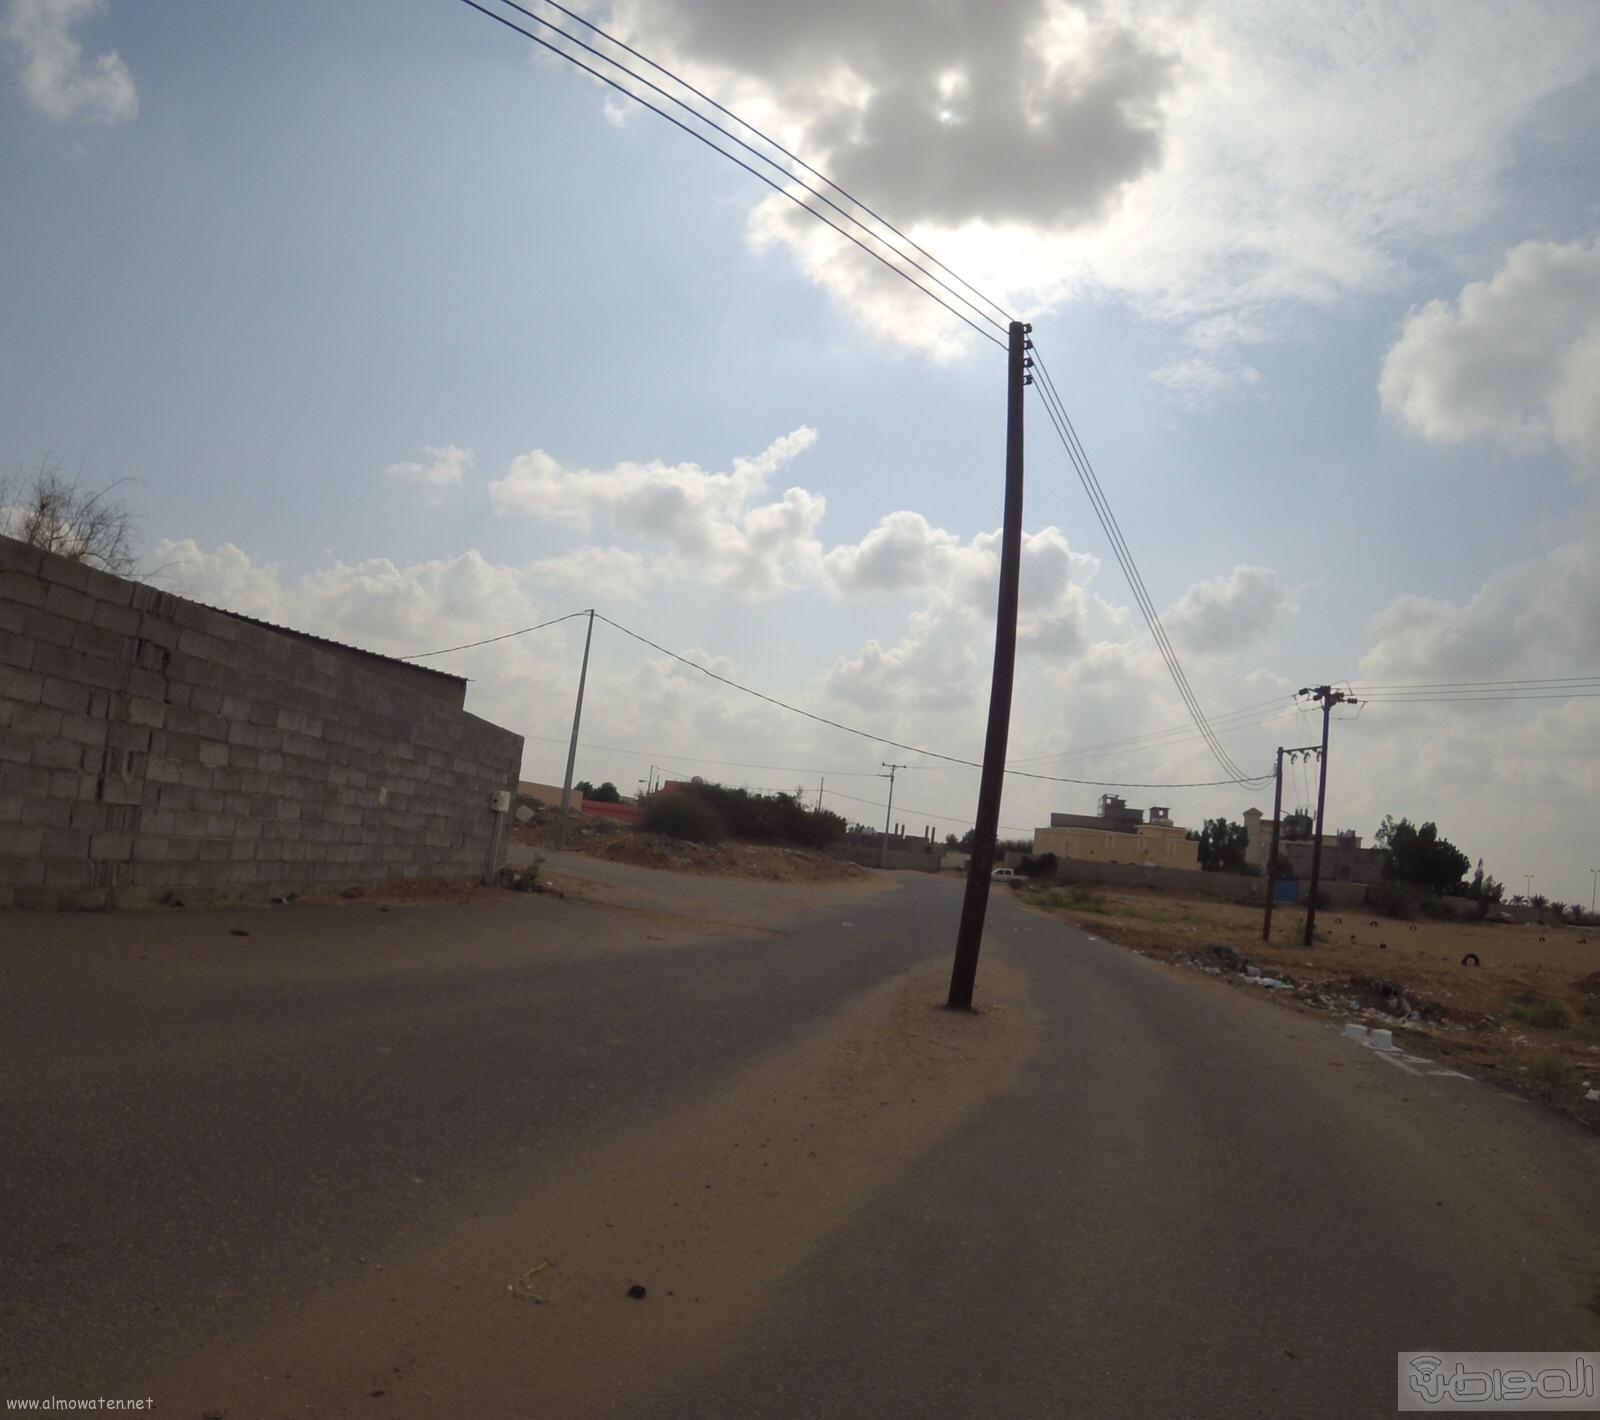 الكهرباء-تتجاهل-اعمدة-تتوسط-عدة-شوارع-بصامطة (5)